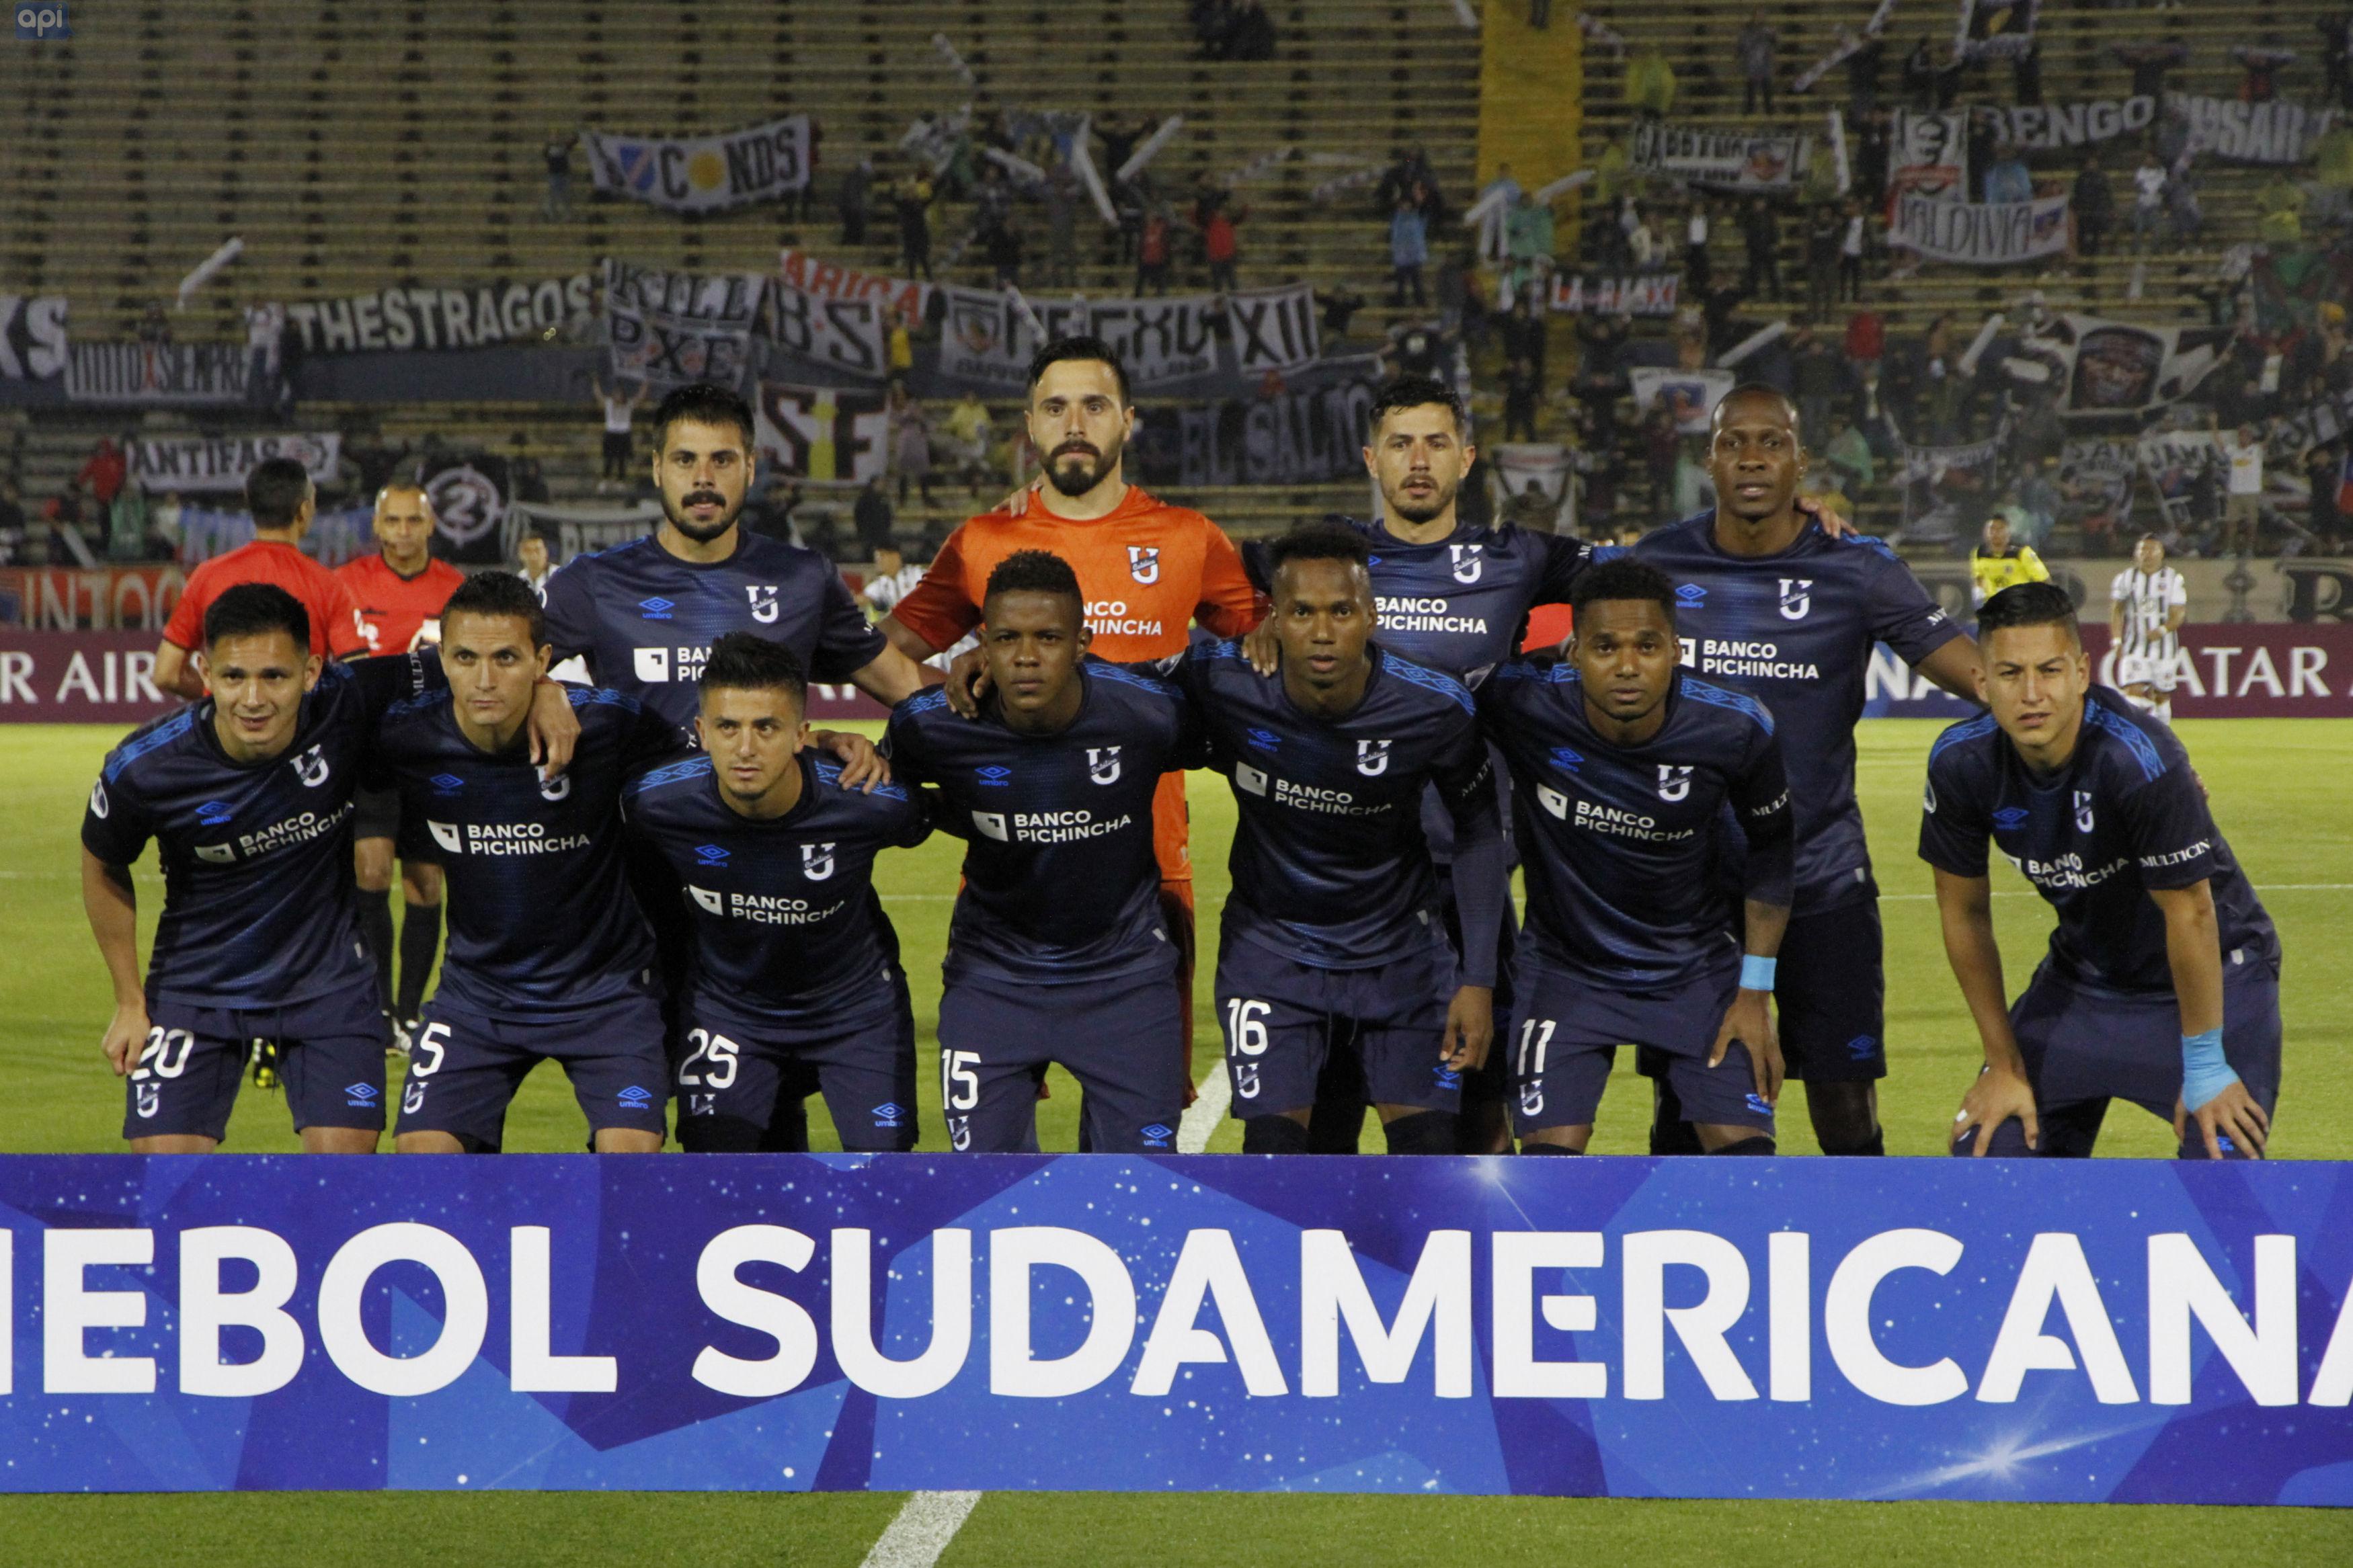 La 'Cato', de Santiago Escobar, jugará el próximo 21 de mayo ante los peruanos